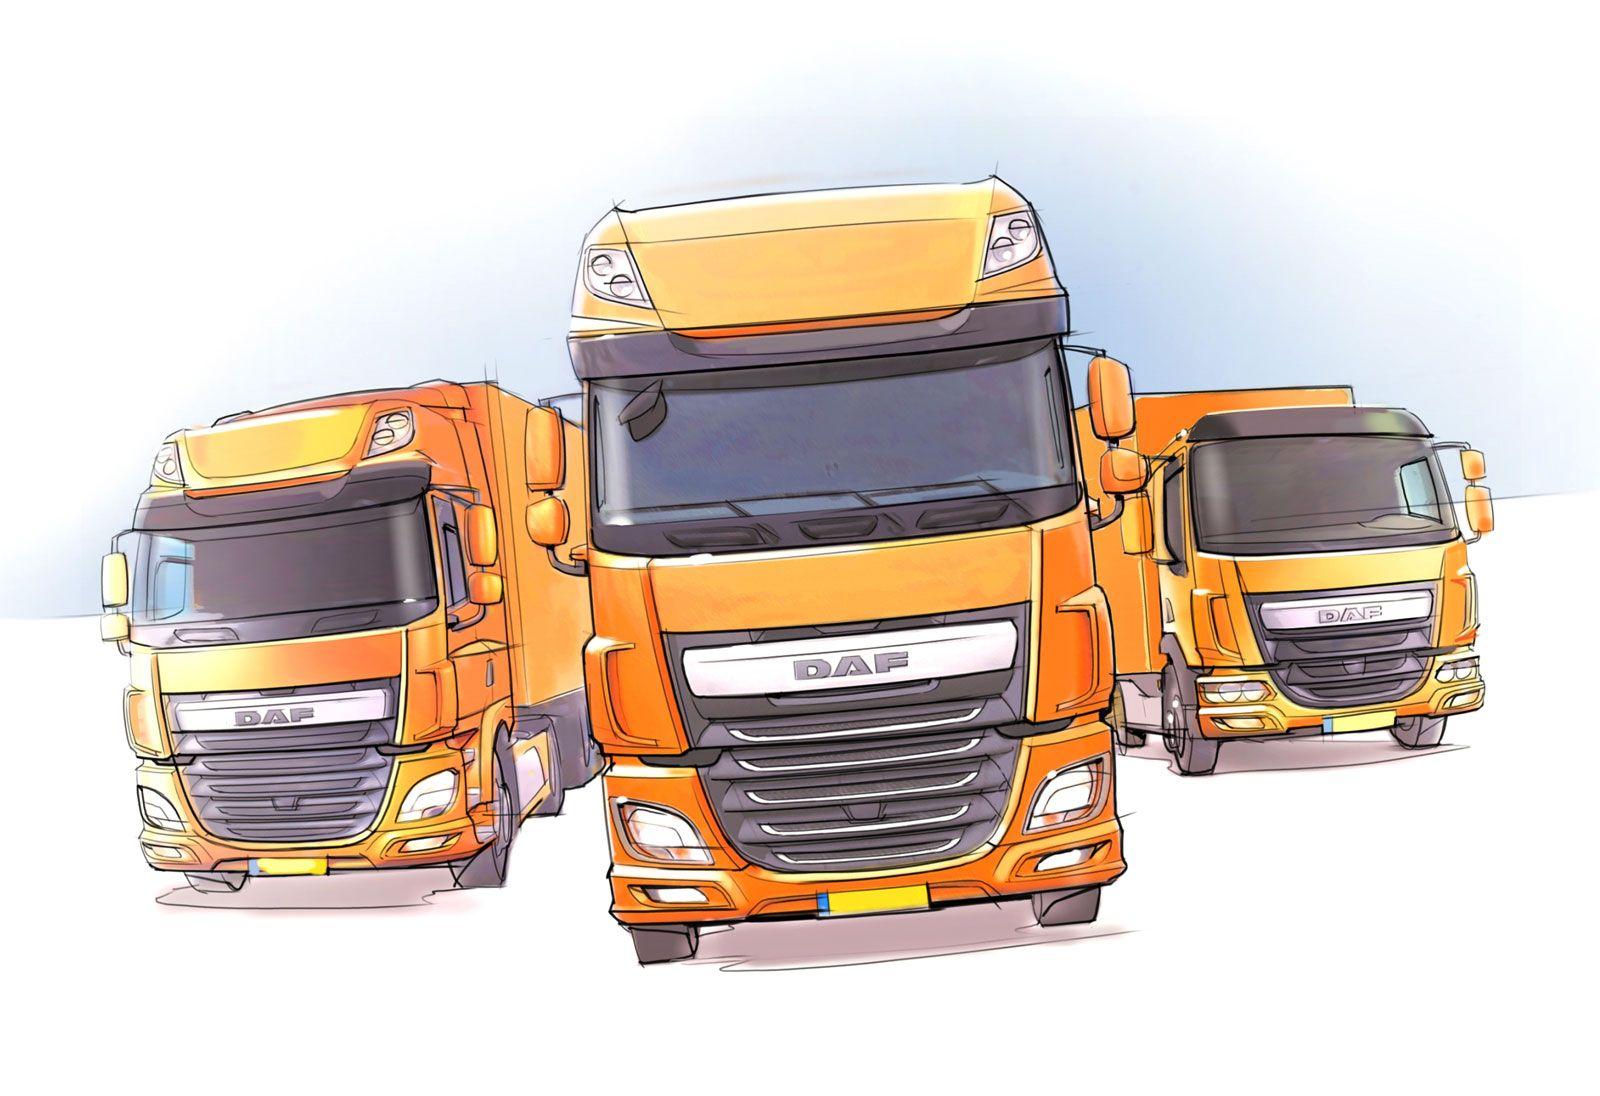 Daf Trucks Range Design Sketch Car Body Design Capitao America Auto Carros